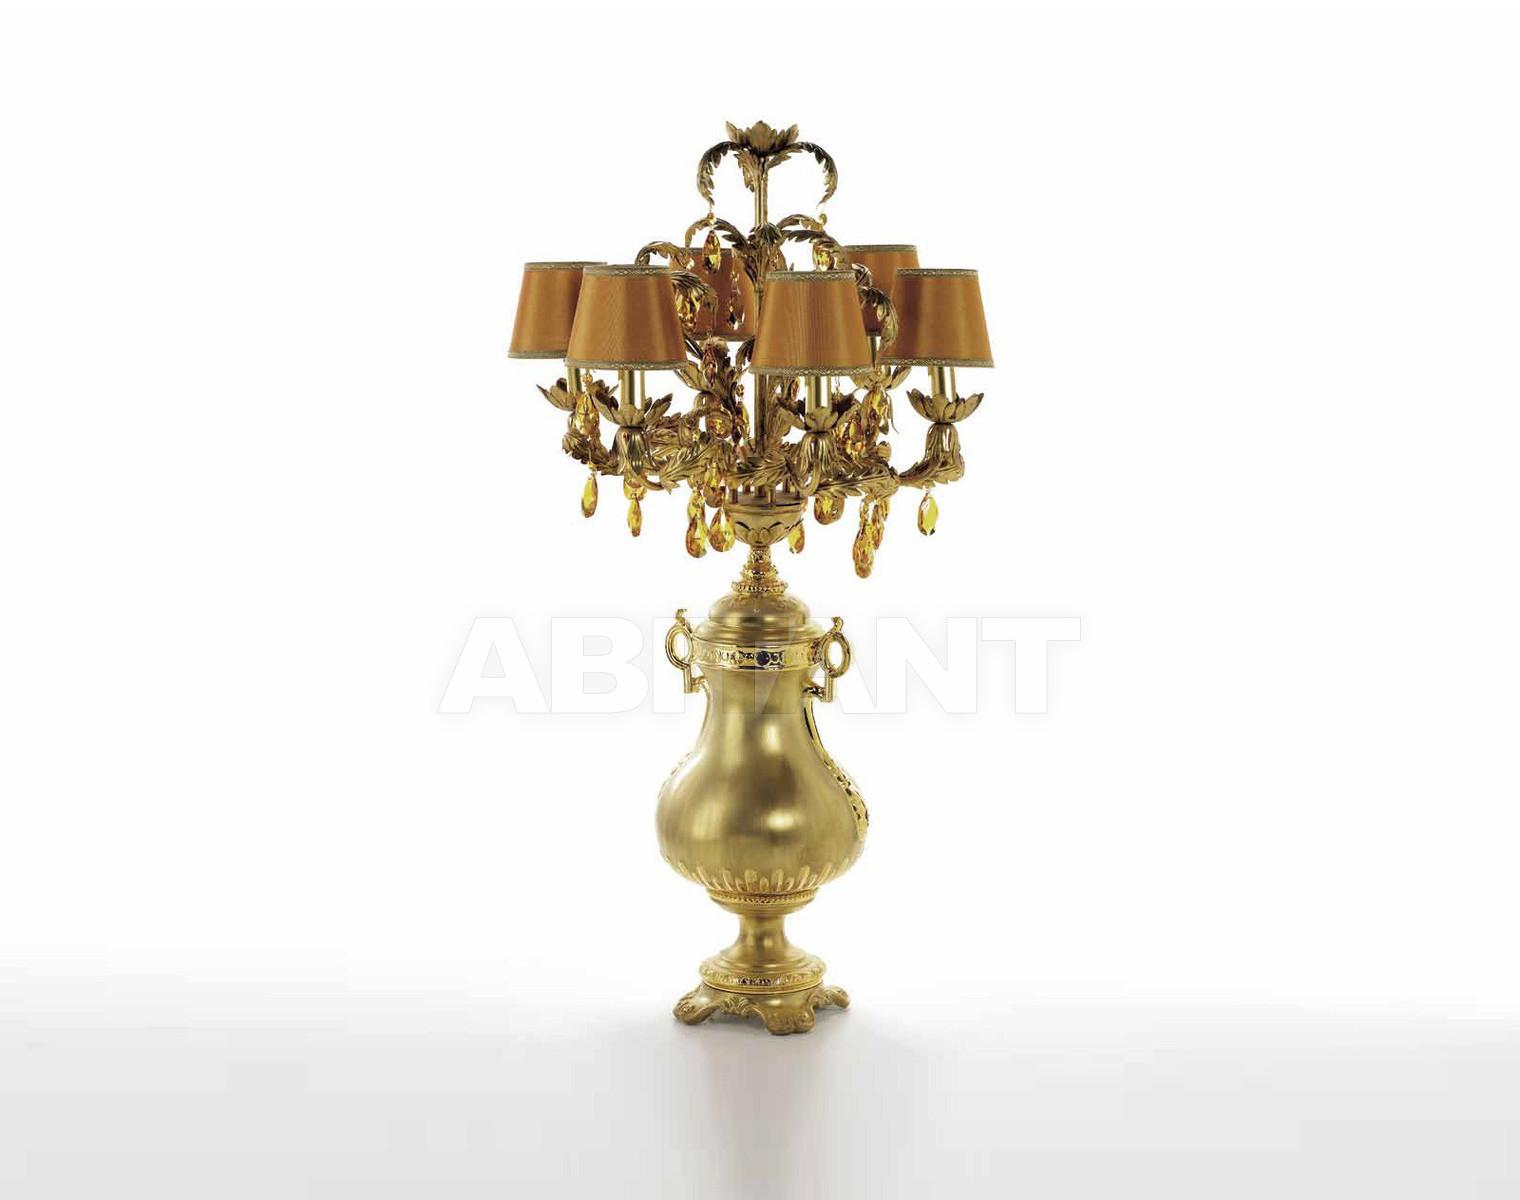 Купить Лампа настольная Villari Home And Lights 4025324-219